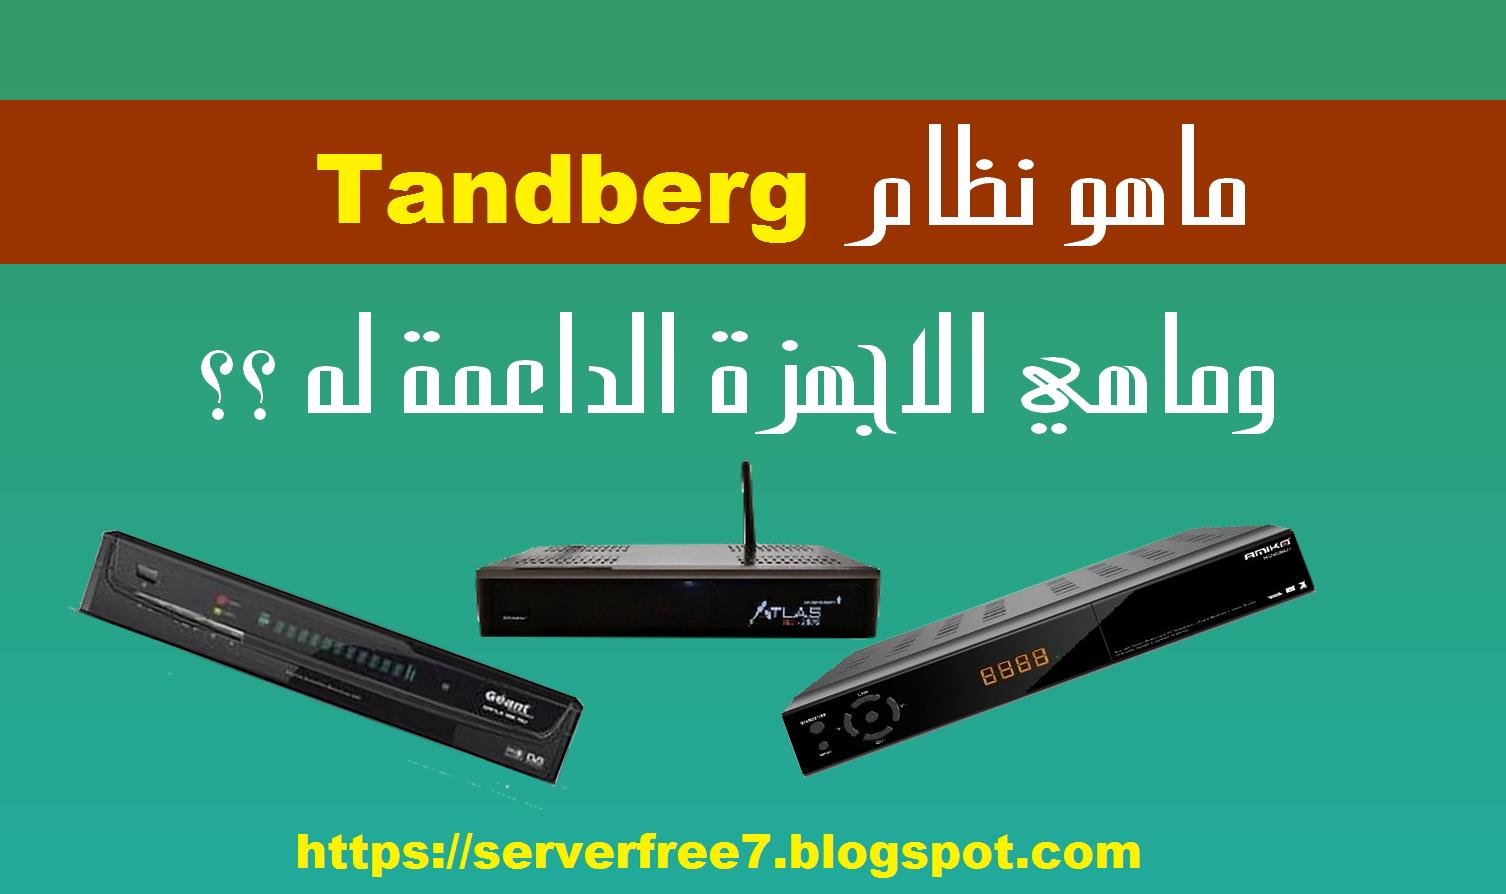 ماهو نظام Tandberg ؟؟ وماهي الاجهزة الداعمة له ؟؟ - عالم